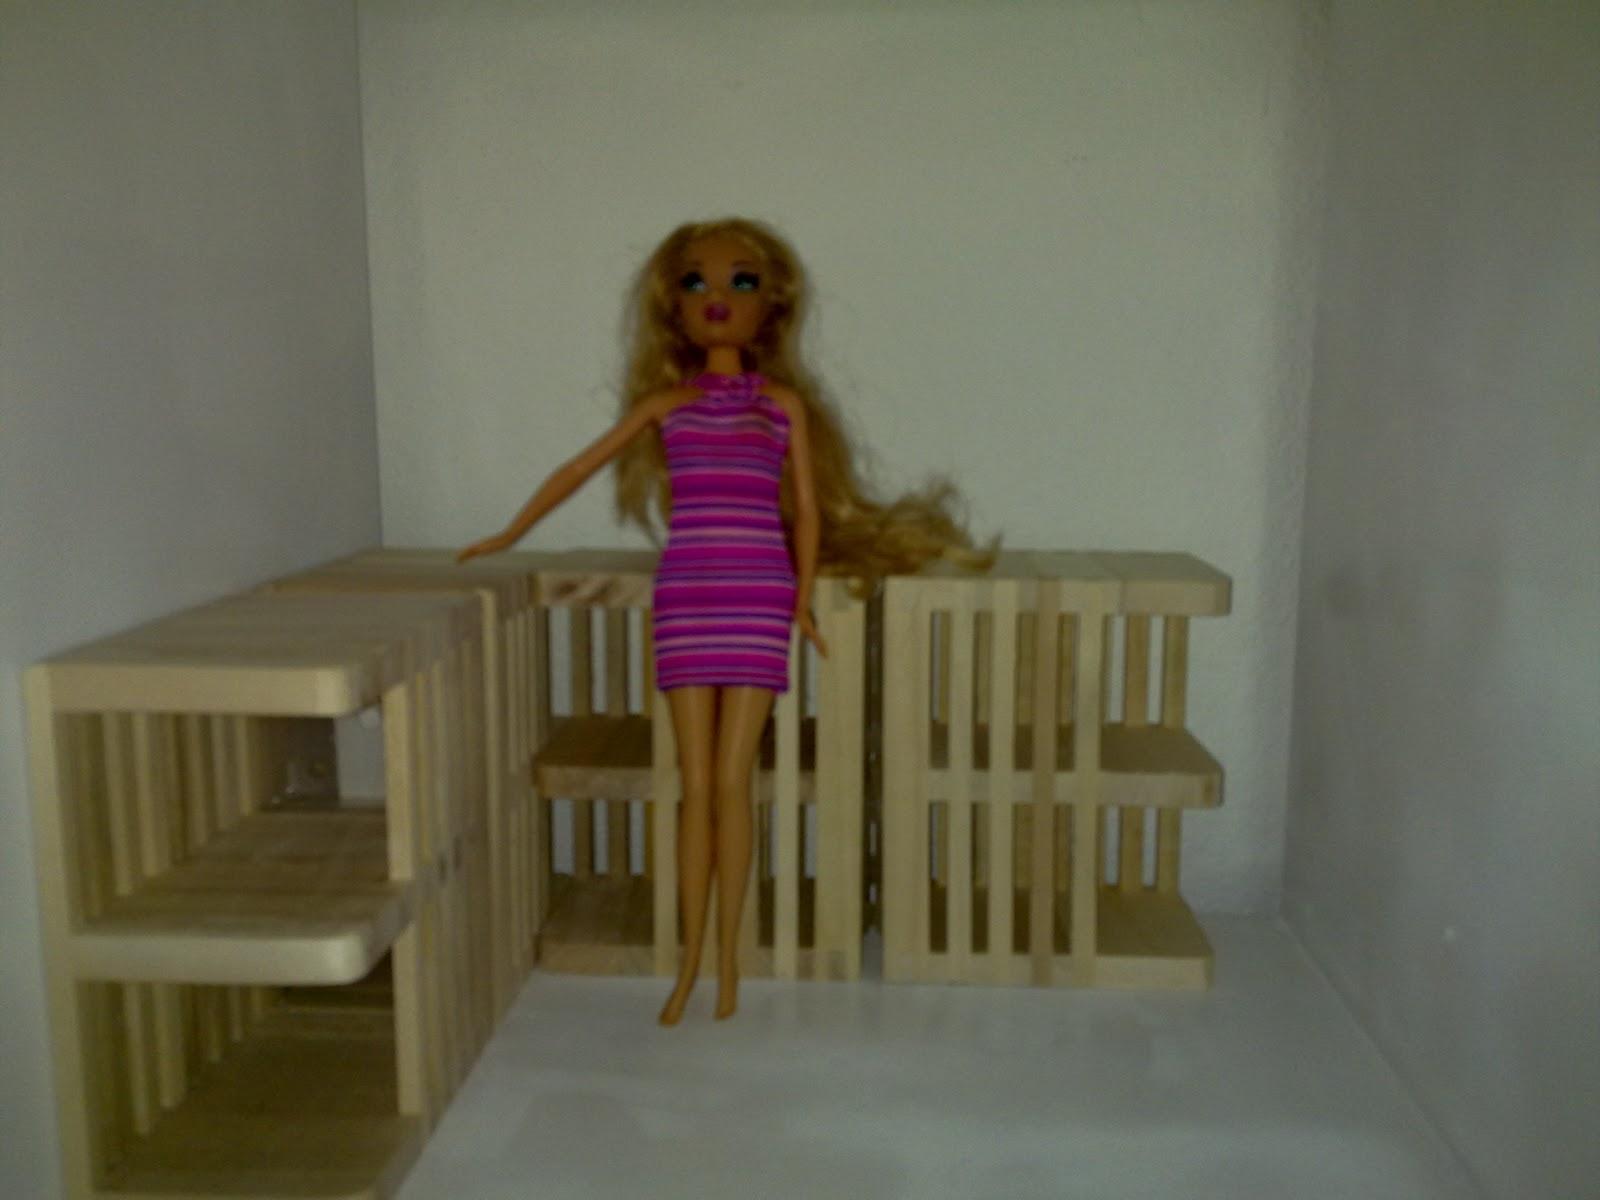 Barbie Kuche Selber Bauen Sandkasten Selber Bauen Pdf Anleitung